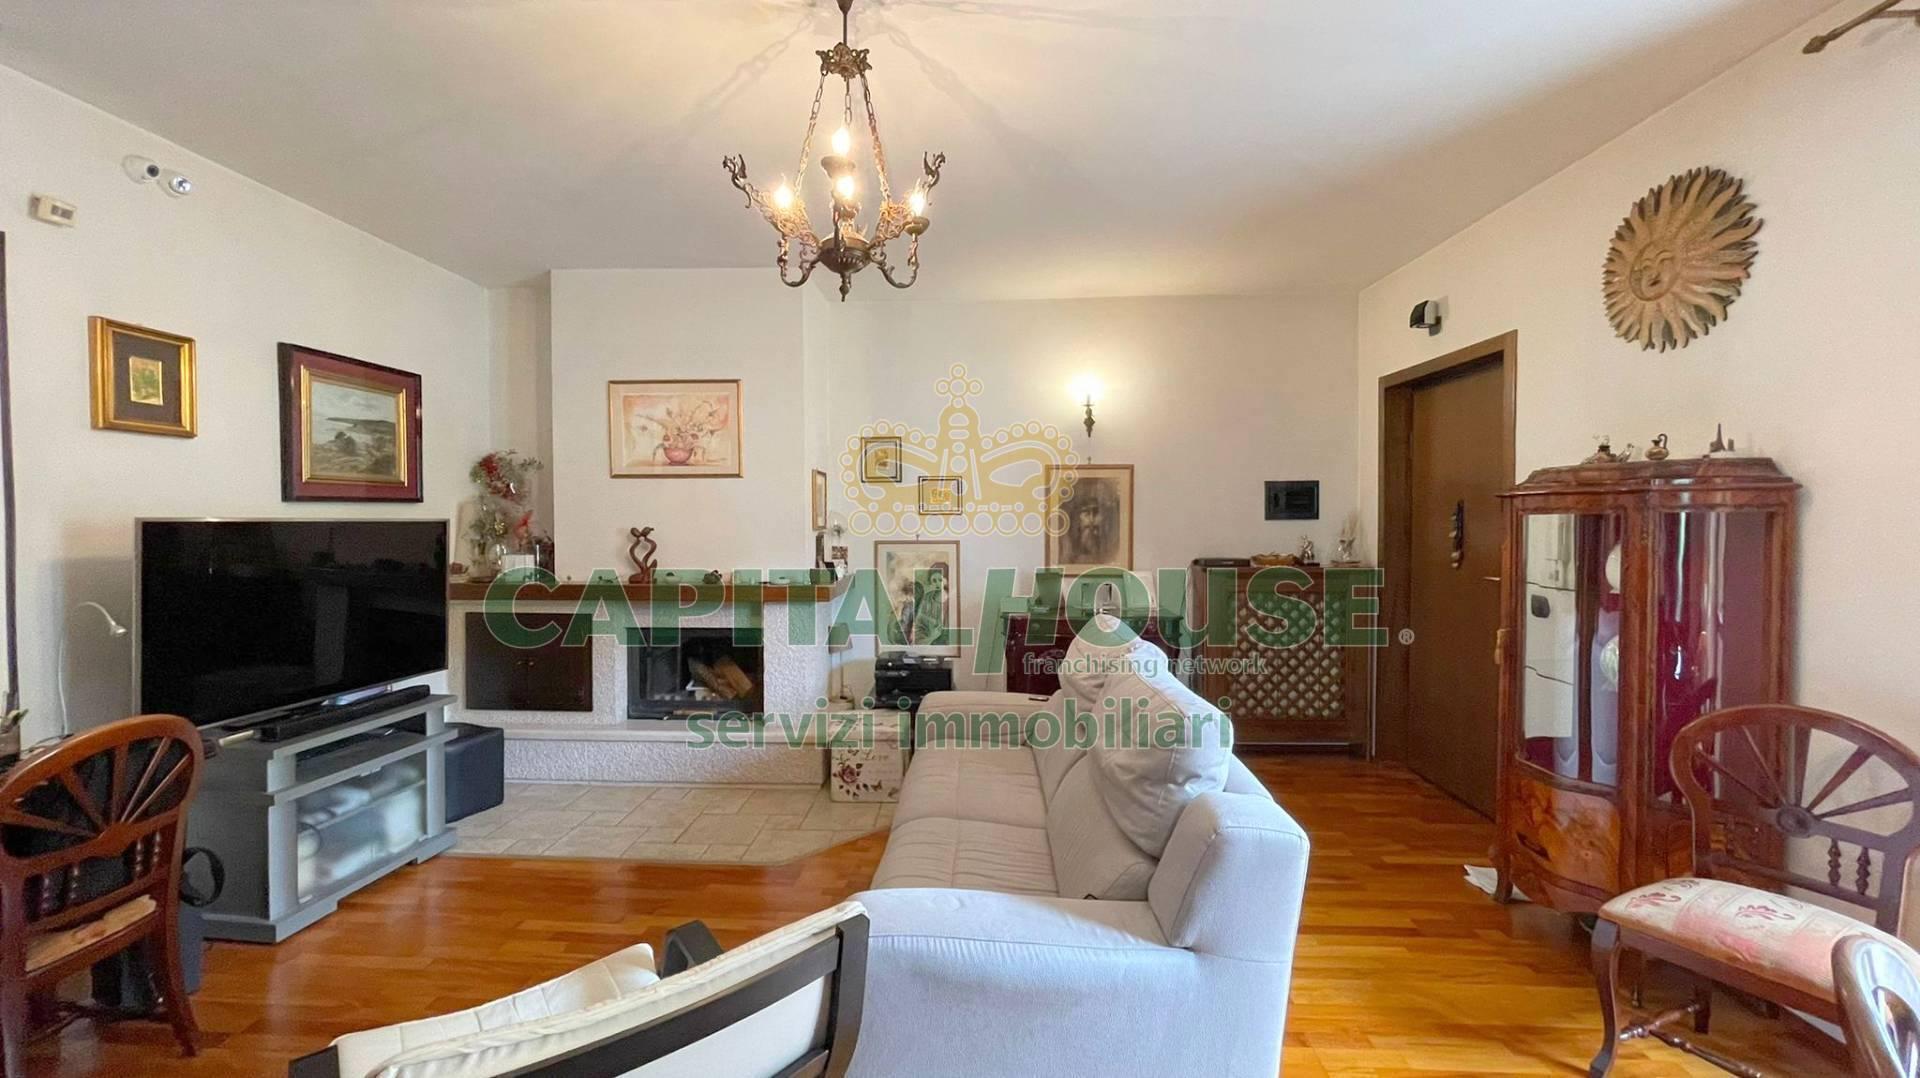 Appartamento in vendita a Monteforte Irpino, 4 locali, zona Località: AldoMoro, prezzo € 170.000   CambioCasa.it